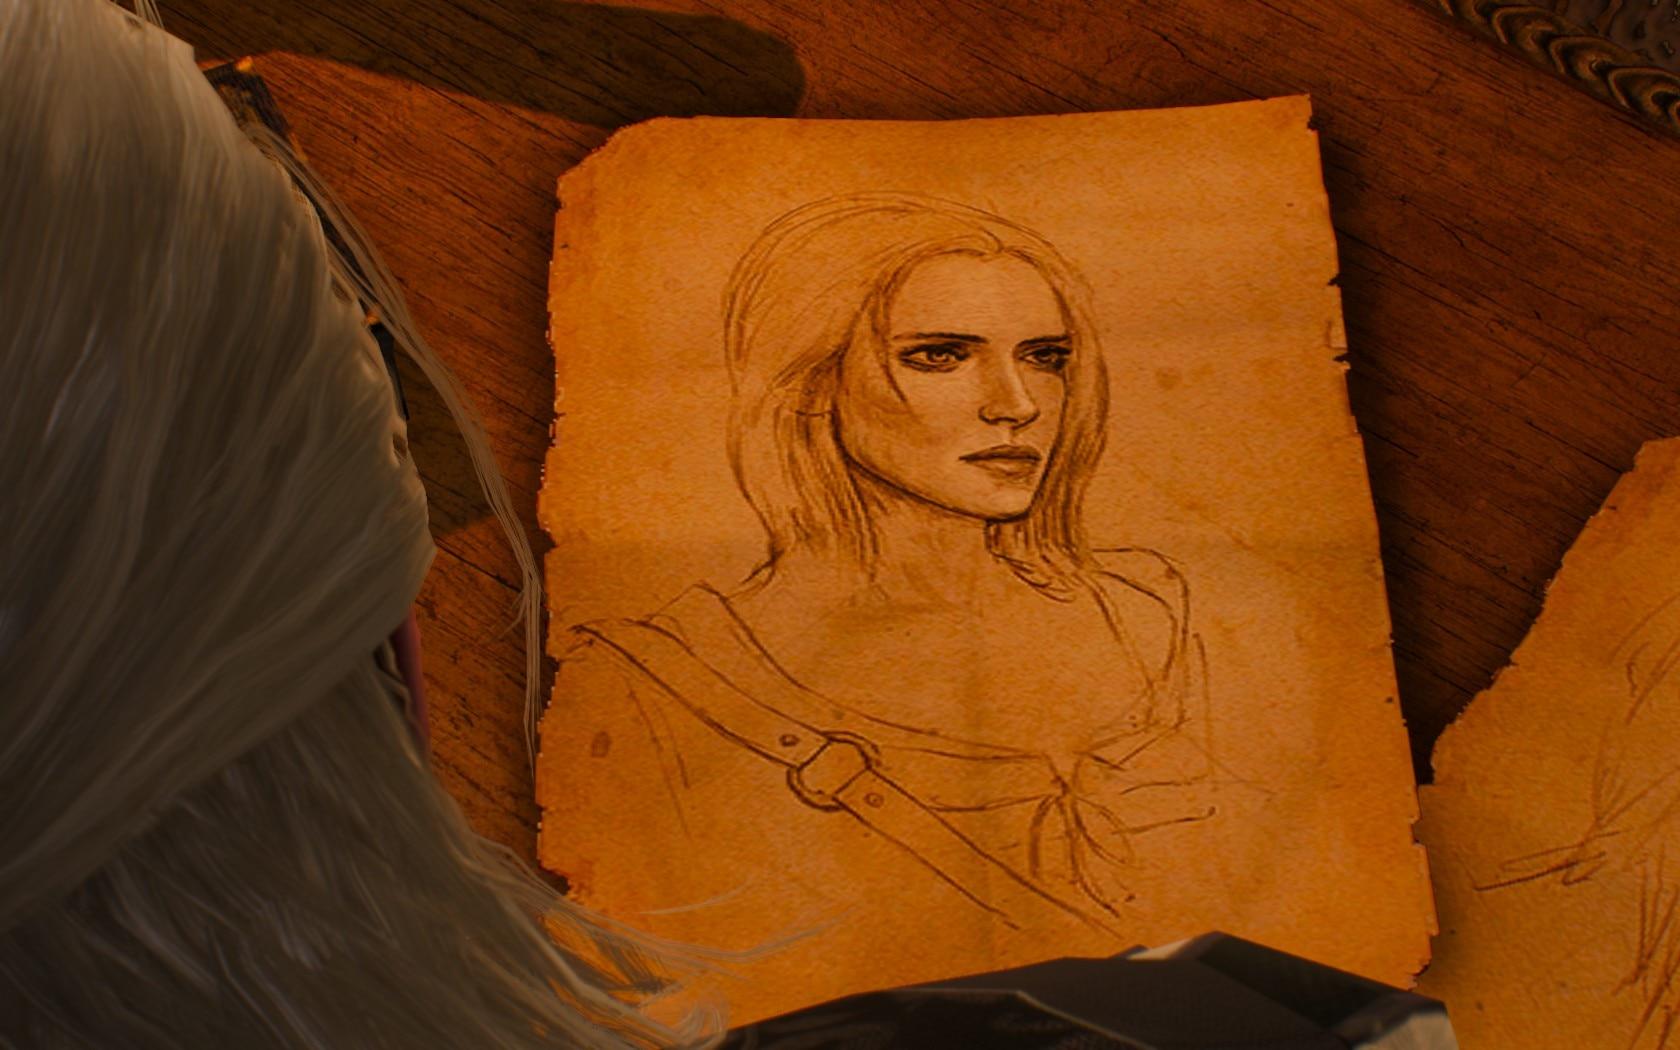 dfgbfcvhc.jpg - Witcher 3: Wild Hunt, the